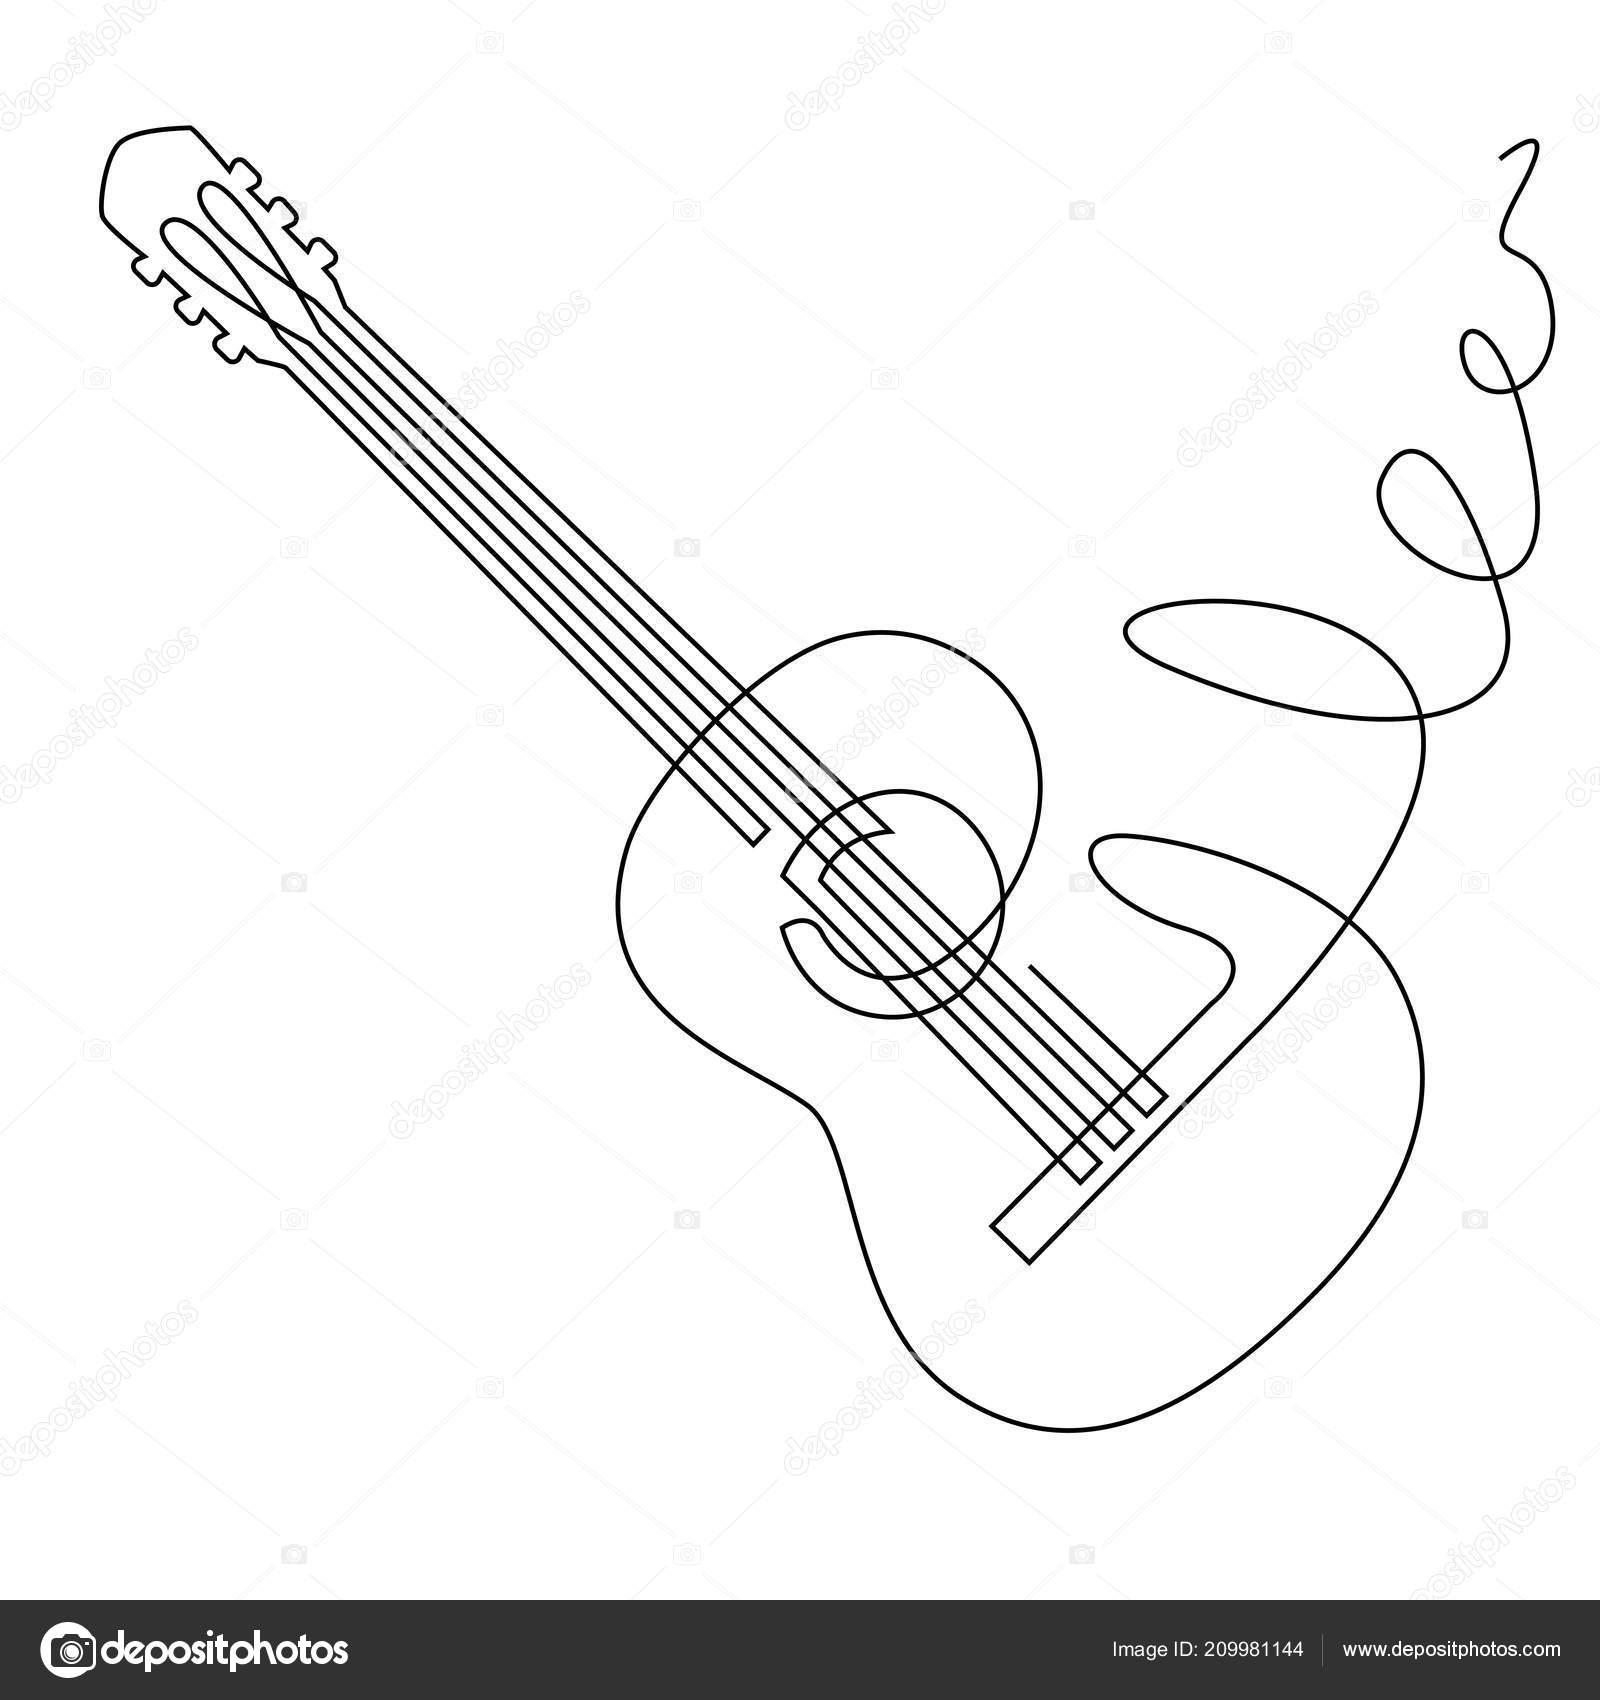 continua línea de dibujo del vector de la guitarra acústica